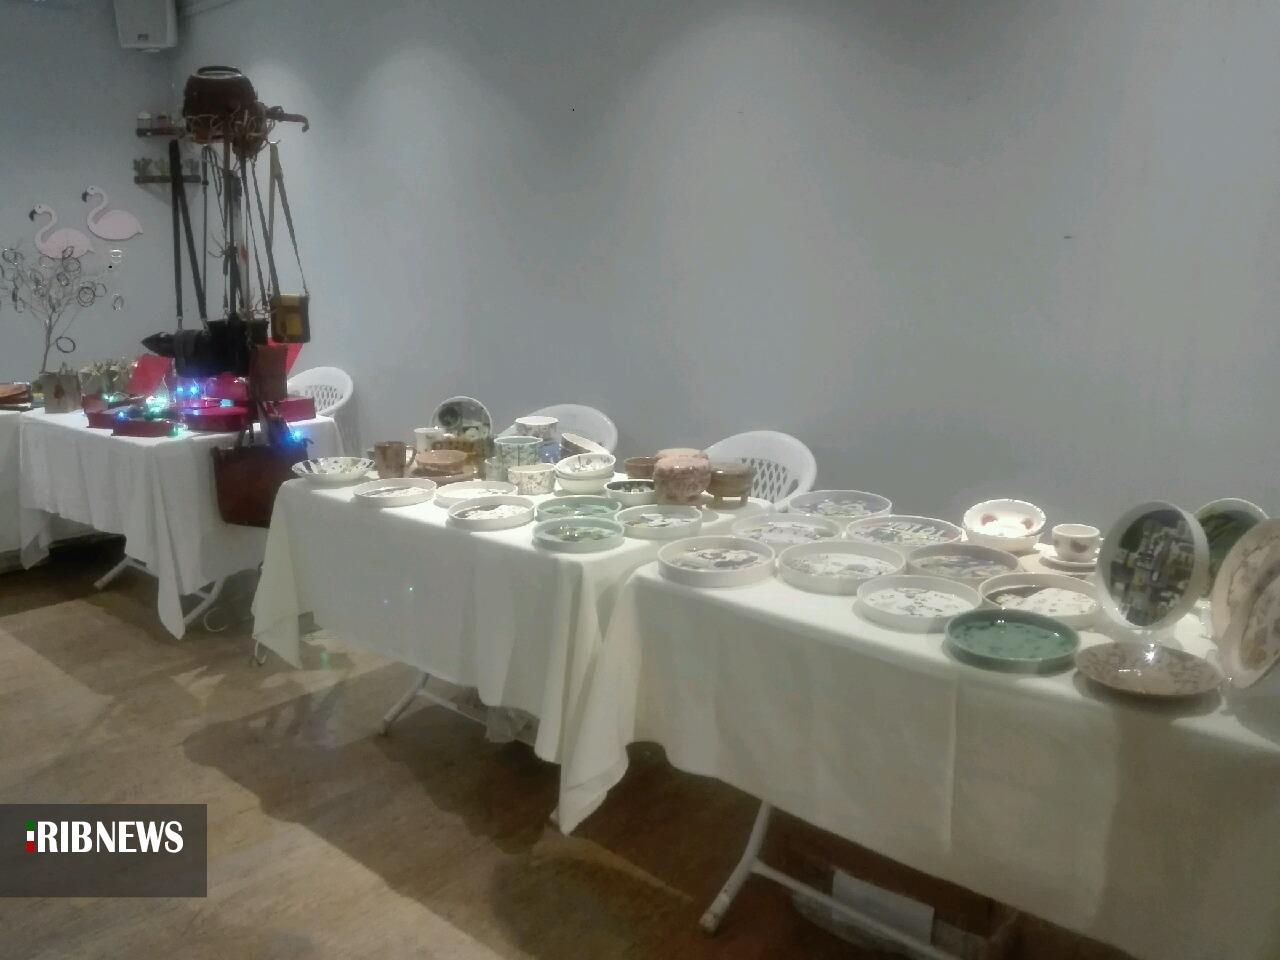 افتتاح نمایشگاه دست، عشق و نقش در بیرجند